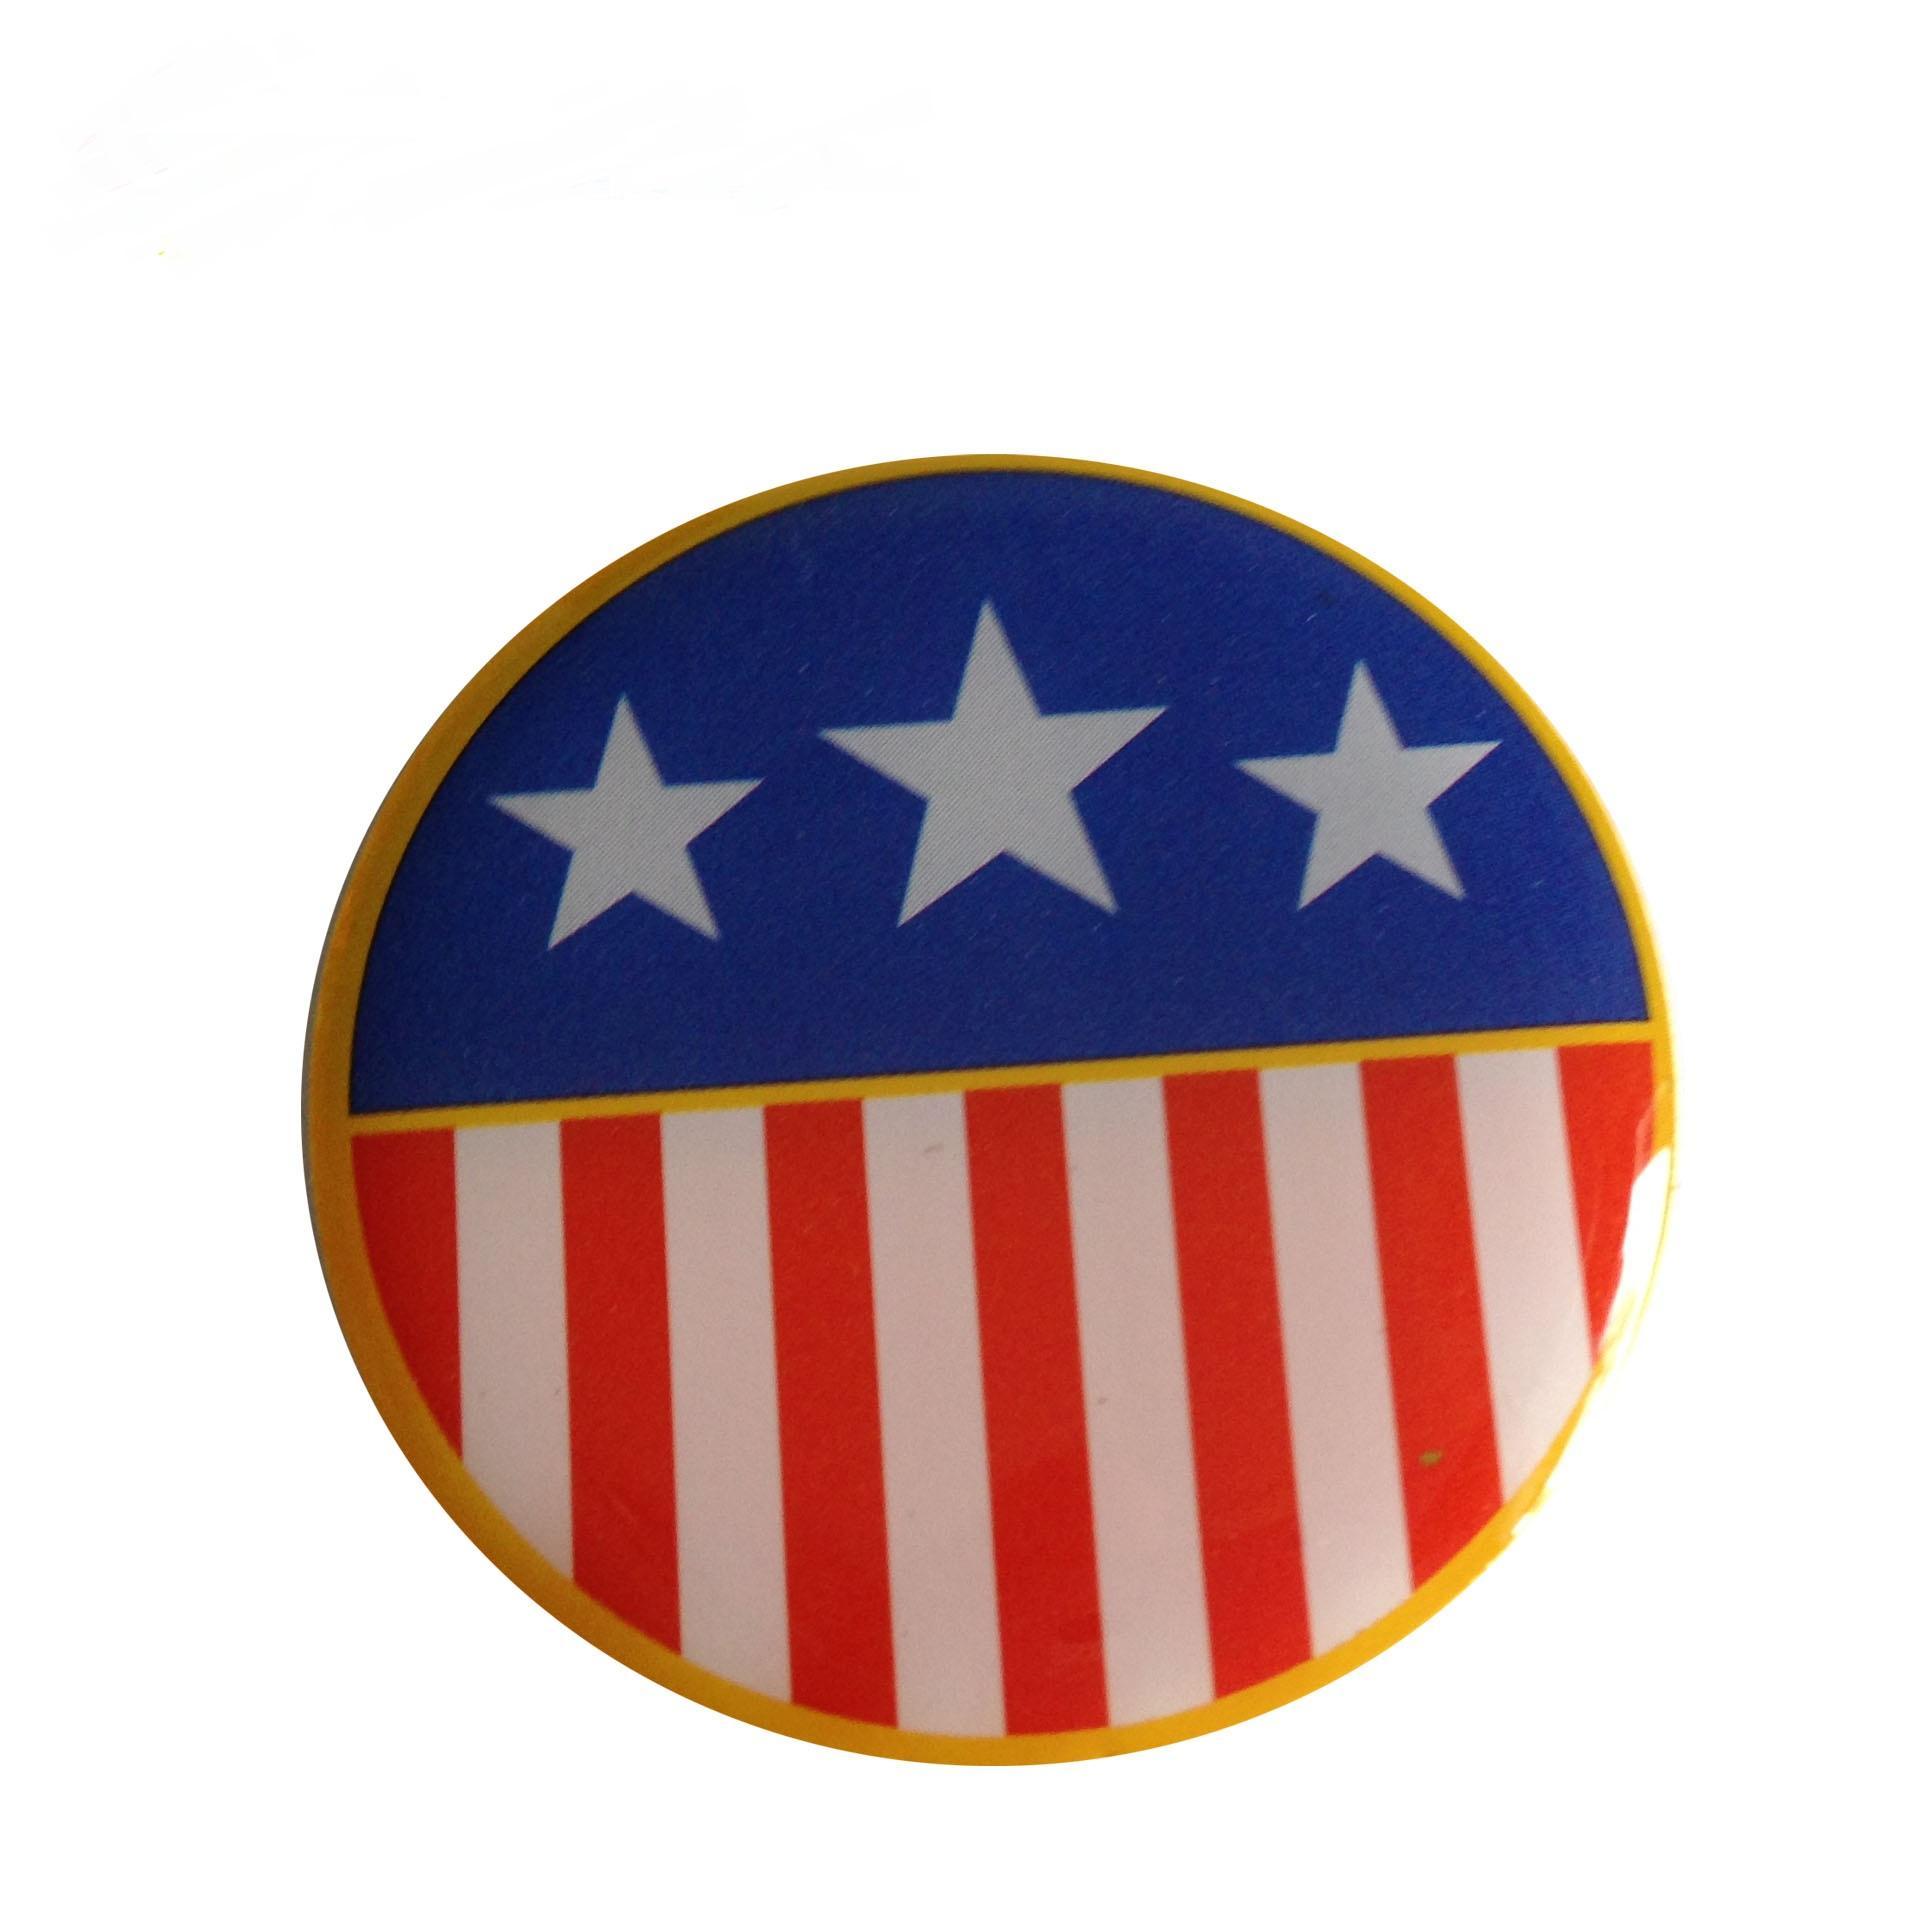 장식 사용자 정의 3D 투명 또는 다채로운 타원형 에폭시 수지 돔 스티커 자신의 로고